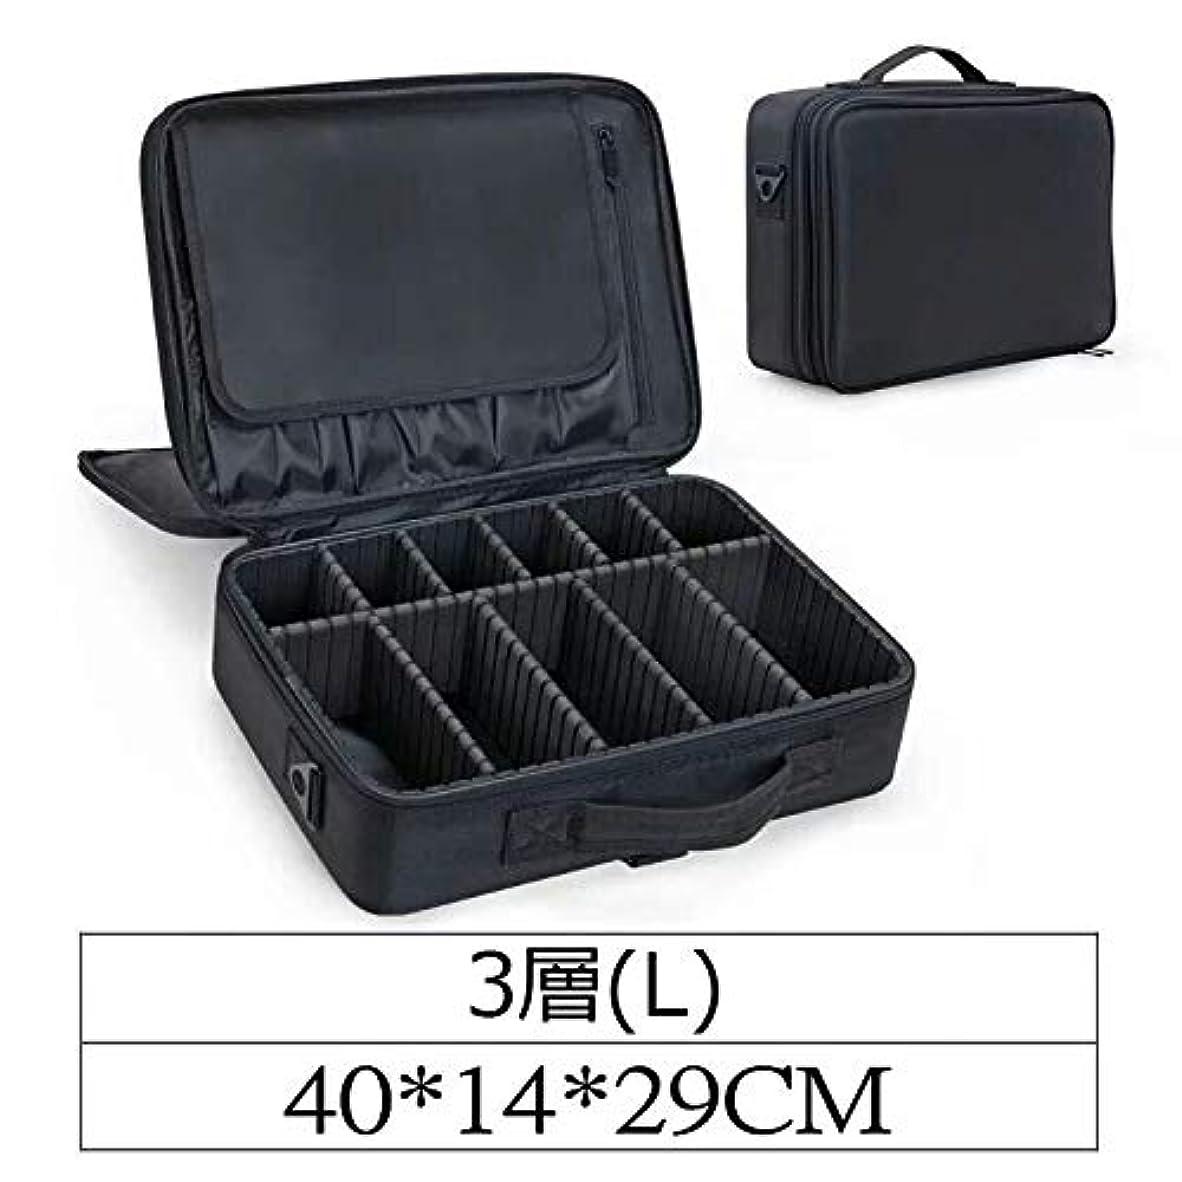 構想する活性化する雰囲気WE DO メイクボックス プロ用 多機能 化粧ポーチ 高品質3層化粧箱 收納抜群 大容量 スーツケース?トラベルバッグ ブラック(L-40×29×14cm)